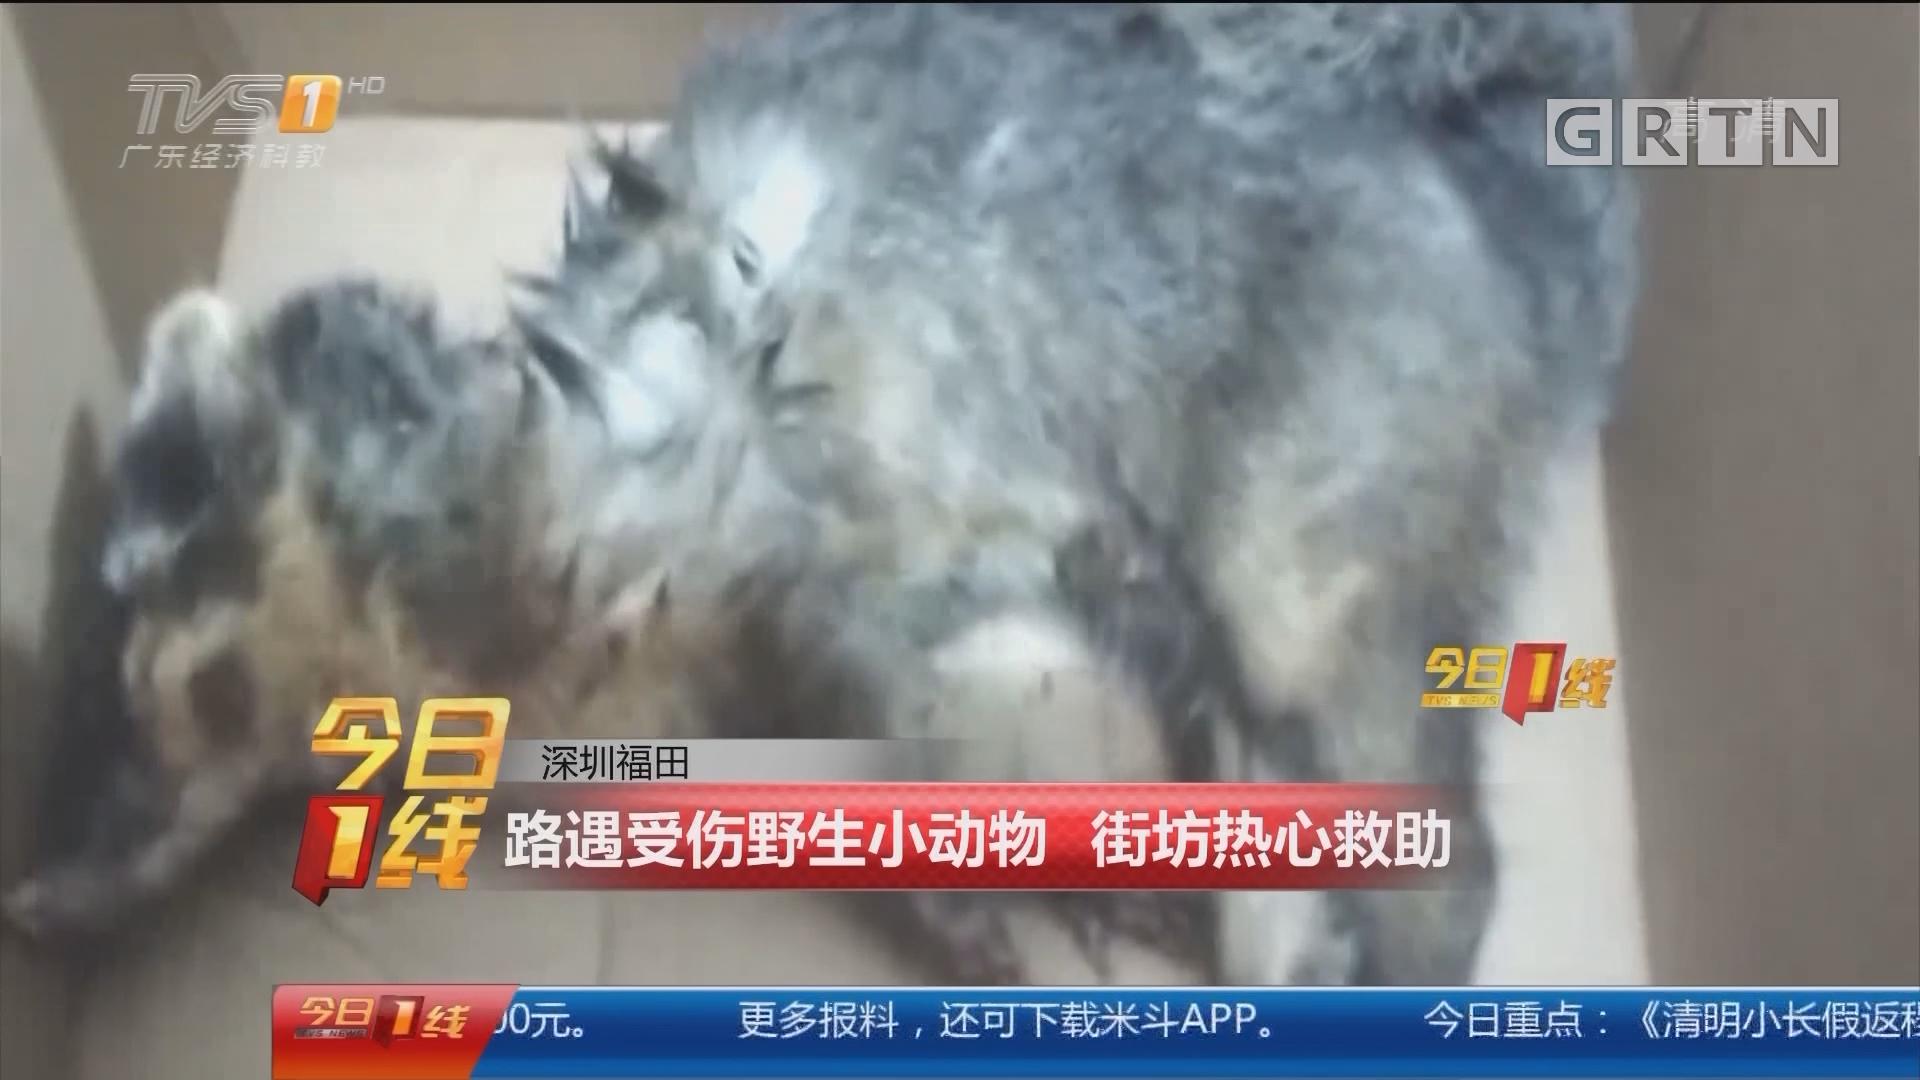 深圳福田:路遇受伤野生小动物 街坊热心救助